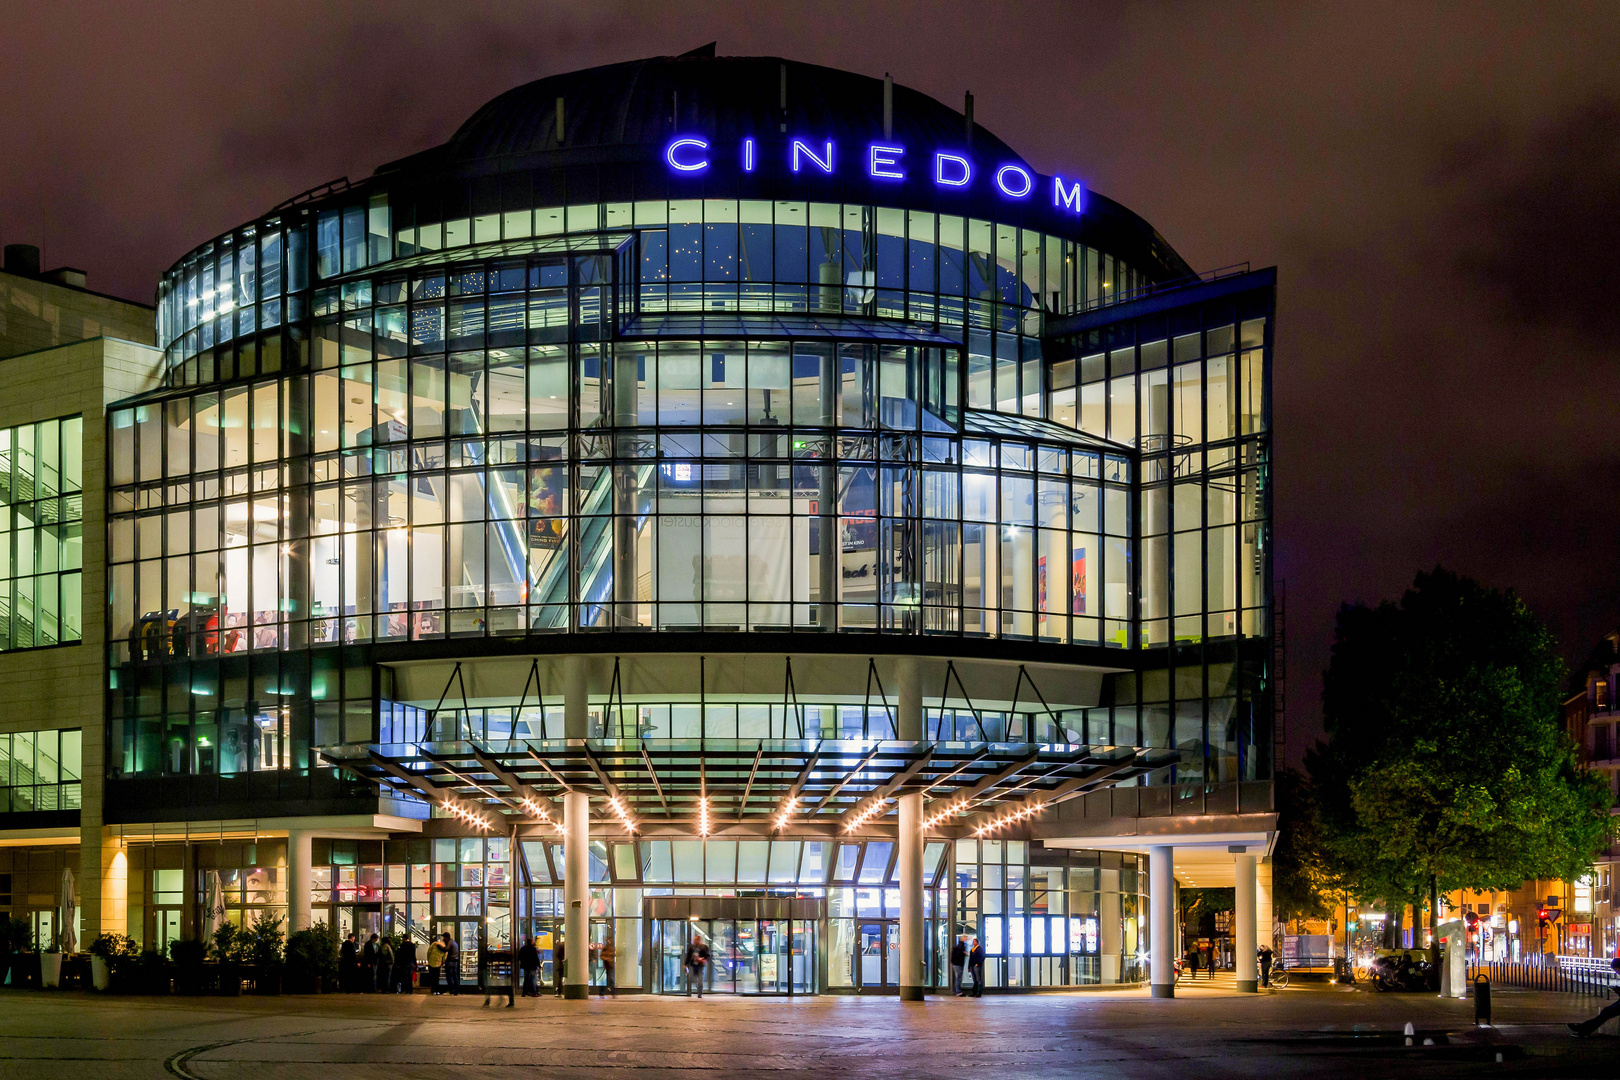 Cinedom Kölm